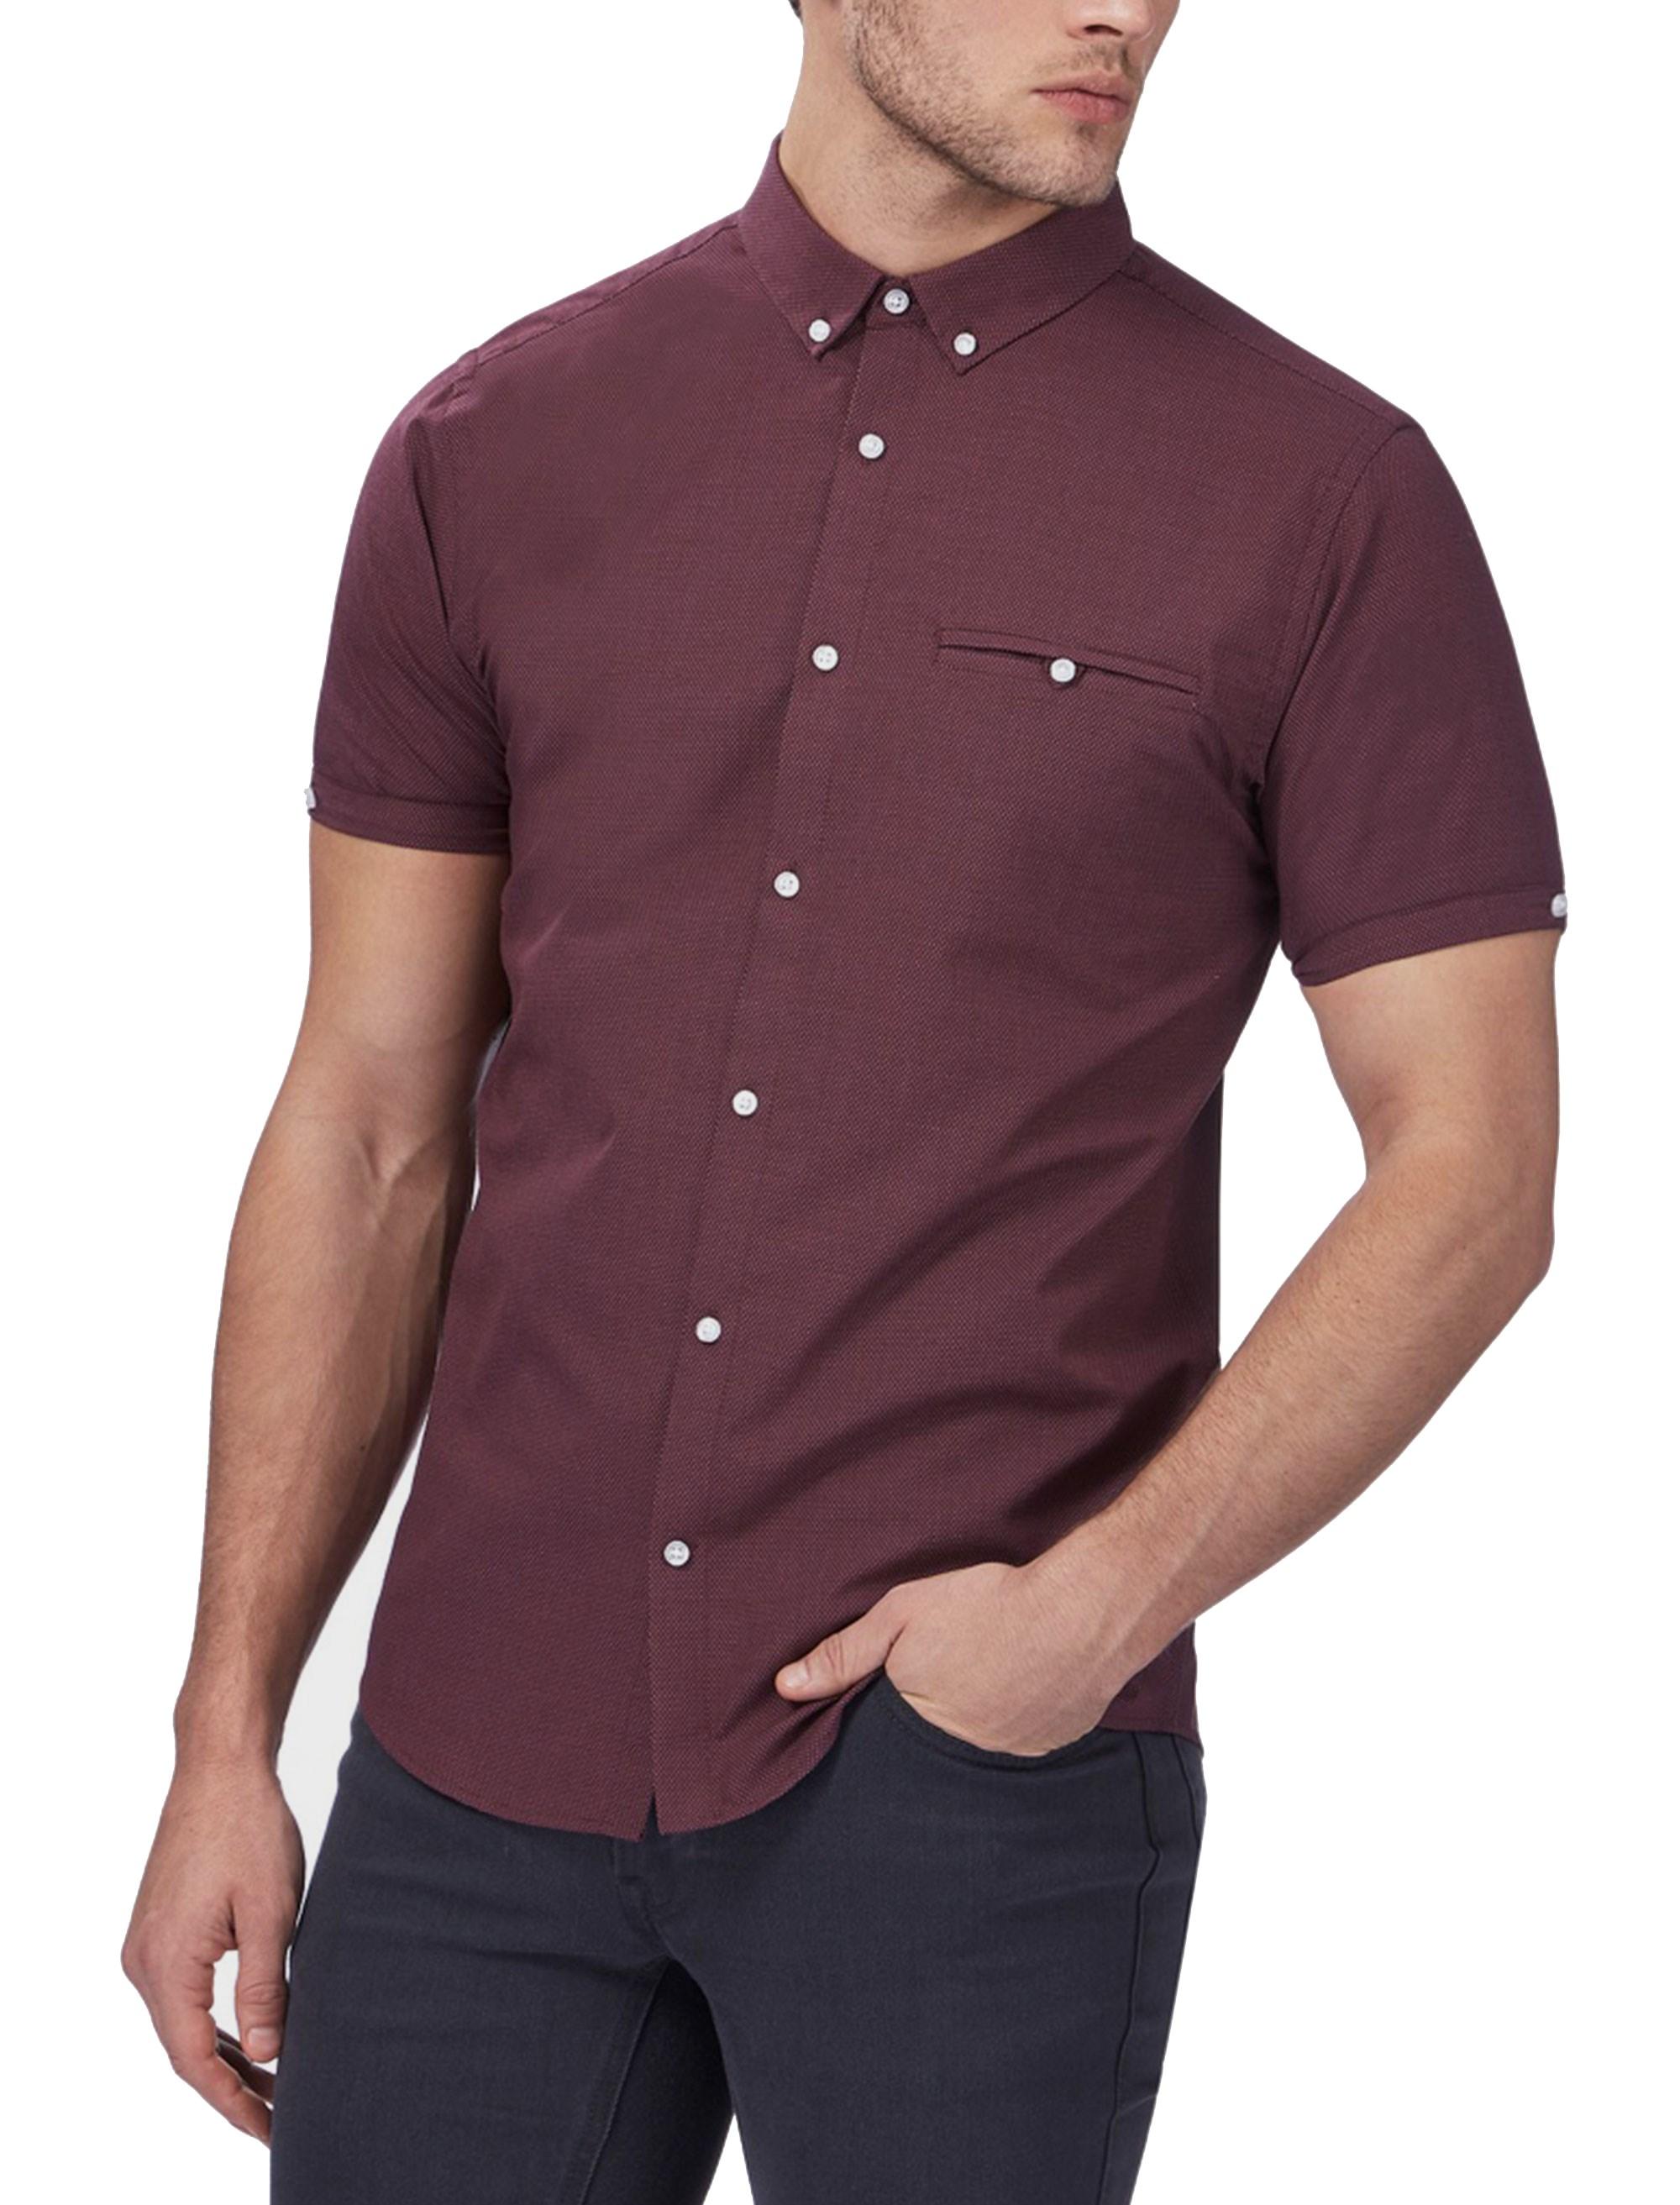 پیراهن نخی آستین کوتاه مردانه - رد هرینگ - زرشکي - 2